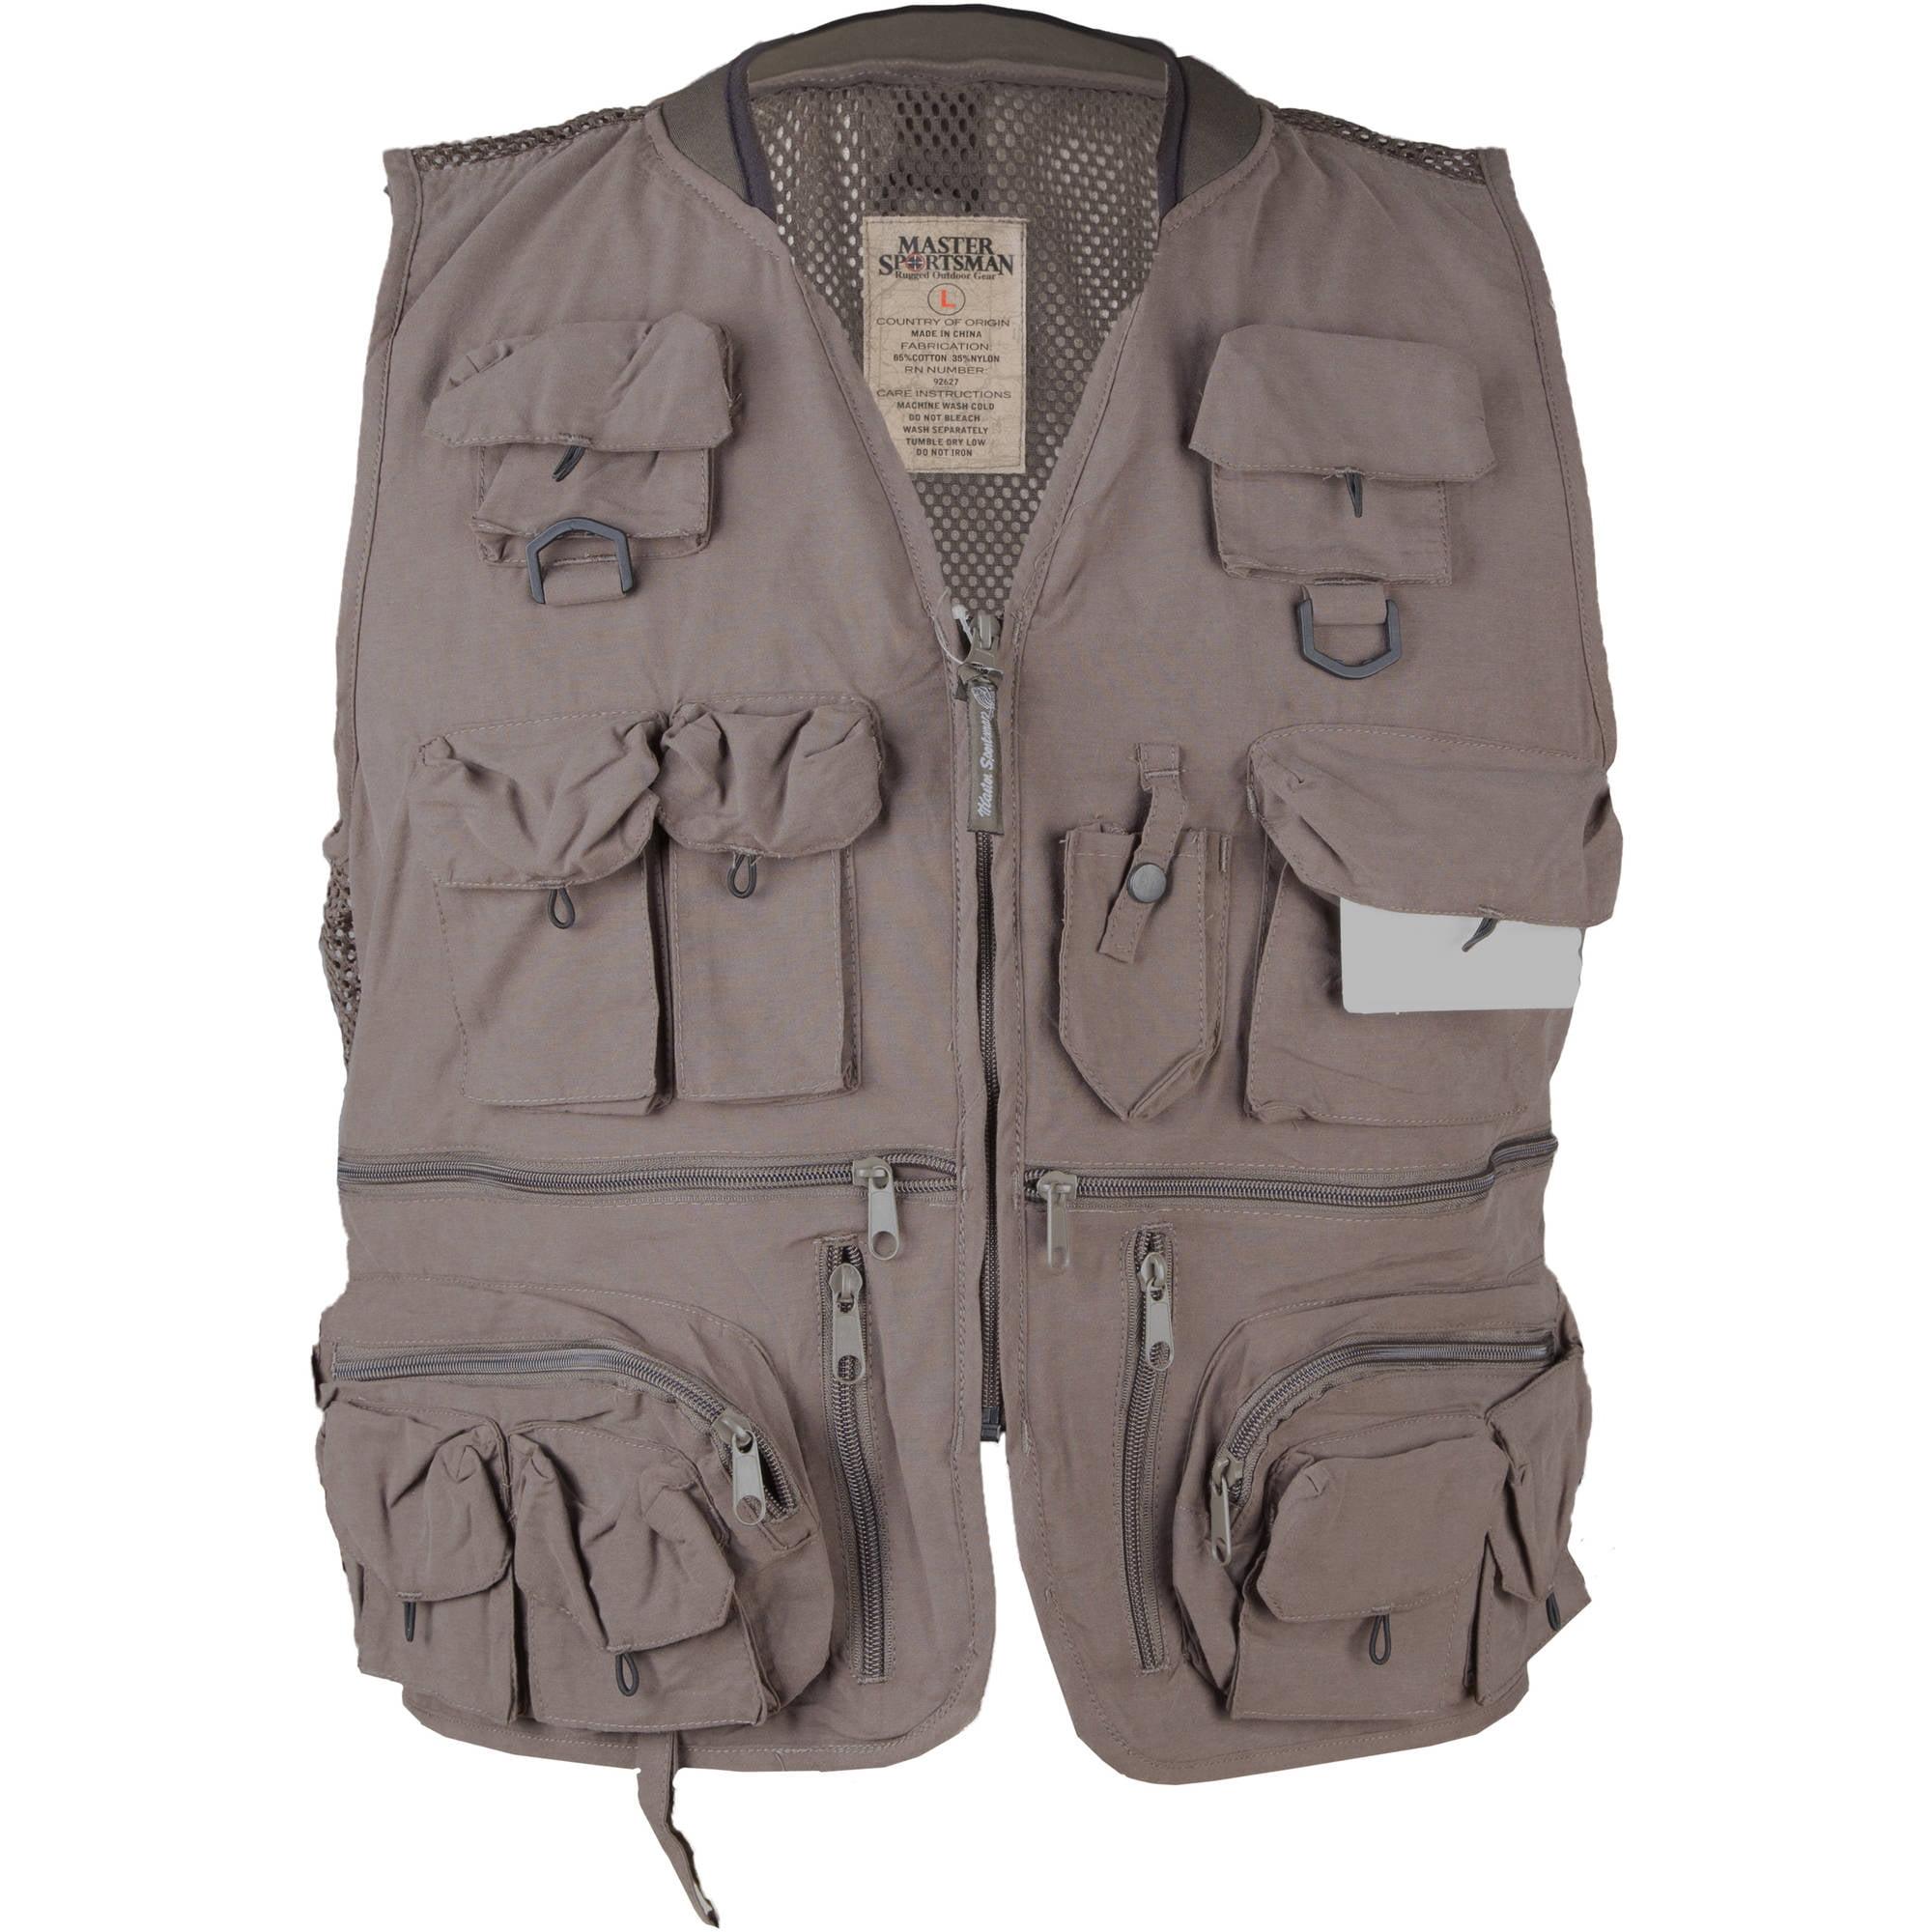 Master Sportsman Alpine 27-Pocket Mesh-Back Fishing Vest, Olive, 3XL by